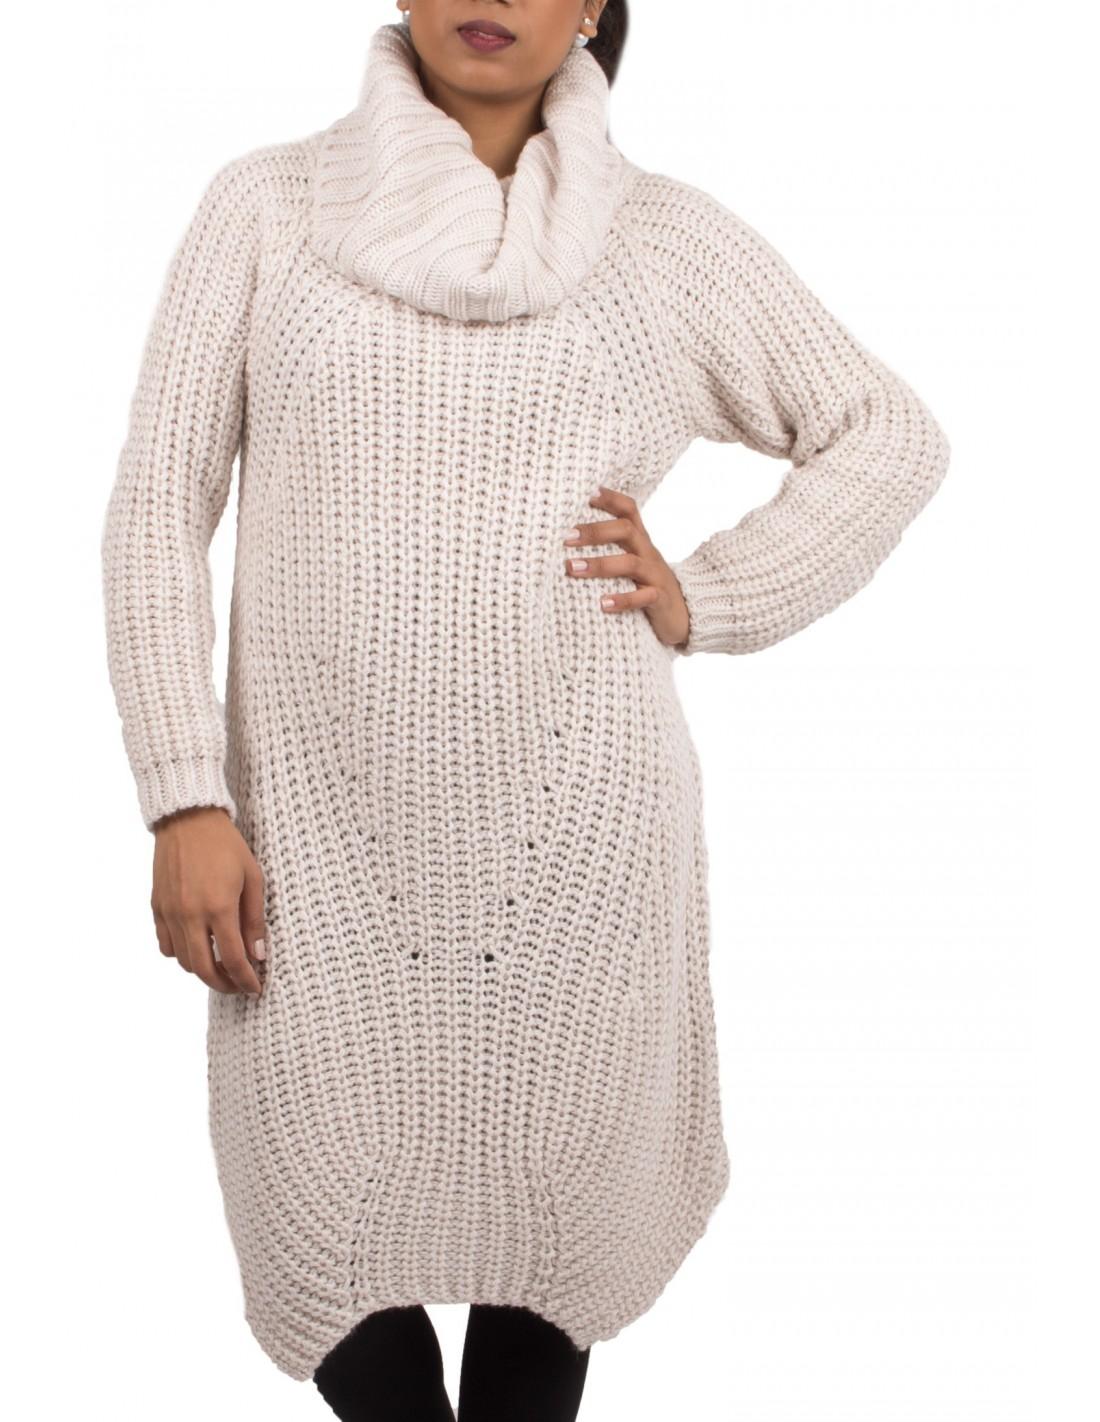 5d76546014e Robe pull laine col roulé en grosse maille pour femme divers coloris